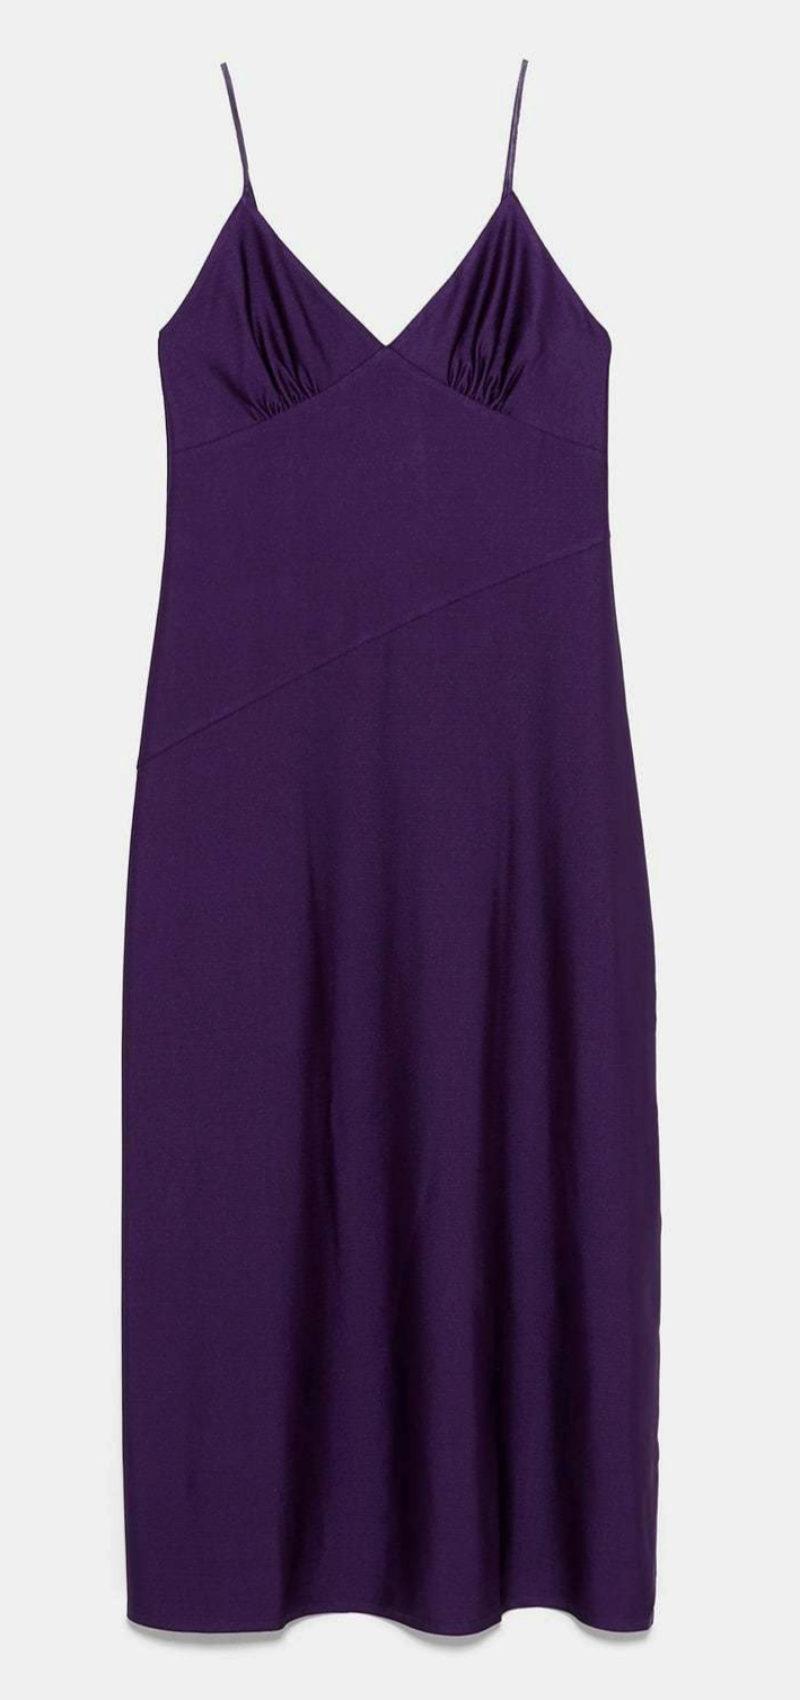 Vestido satinado en color morado de Zara (22,95¤)